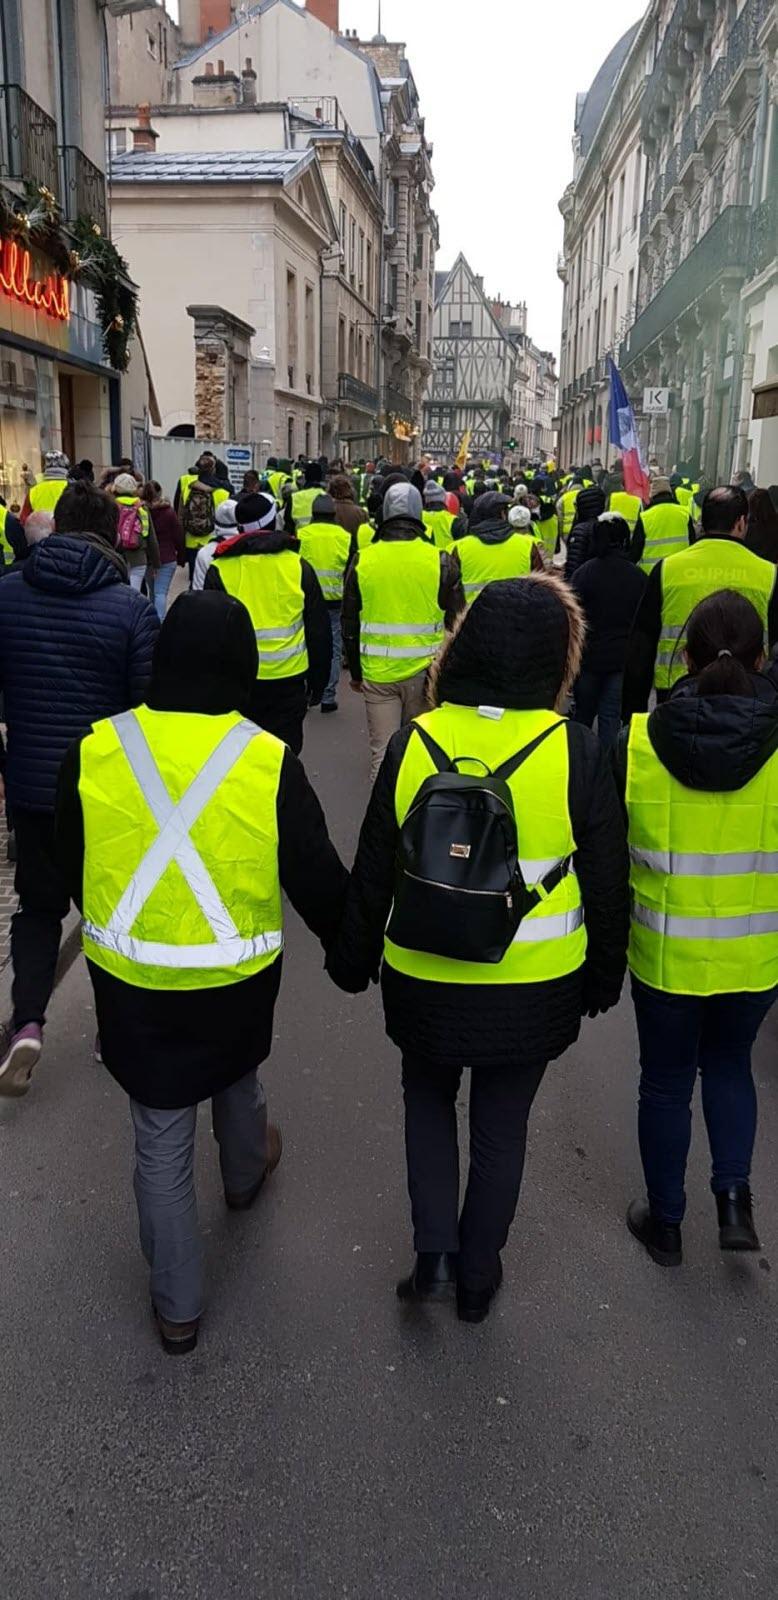 Gilet Jaune Acte 28 : gilet, jaune, Côte-d'Or, Social., Gilets, Jaunes, Personnes, Dijon,, Selon, Manifestants